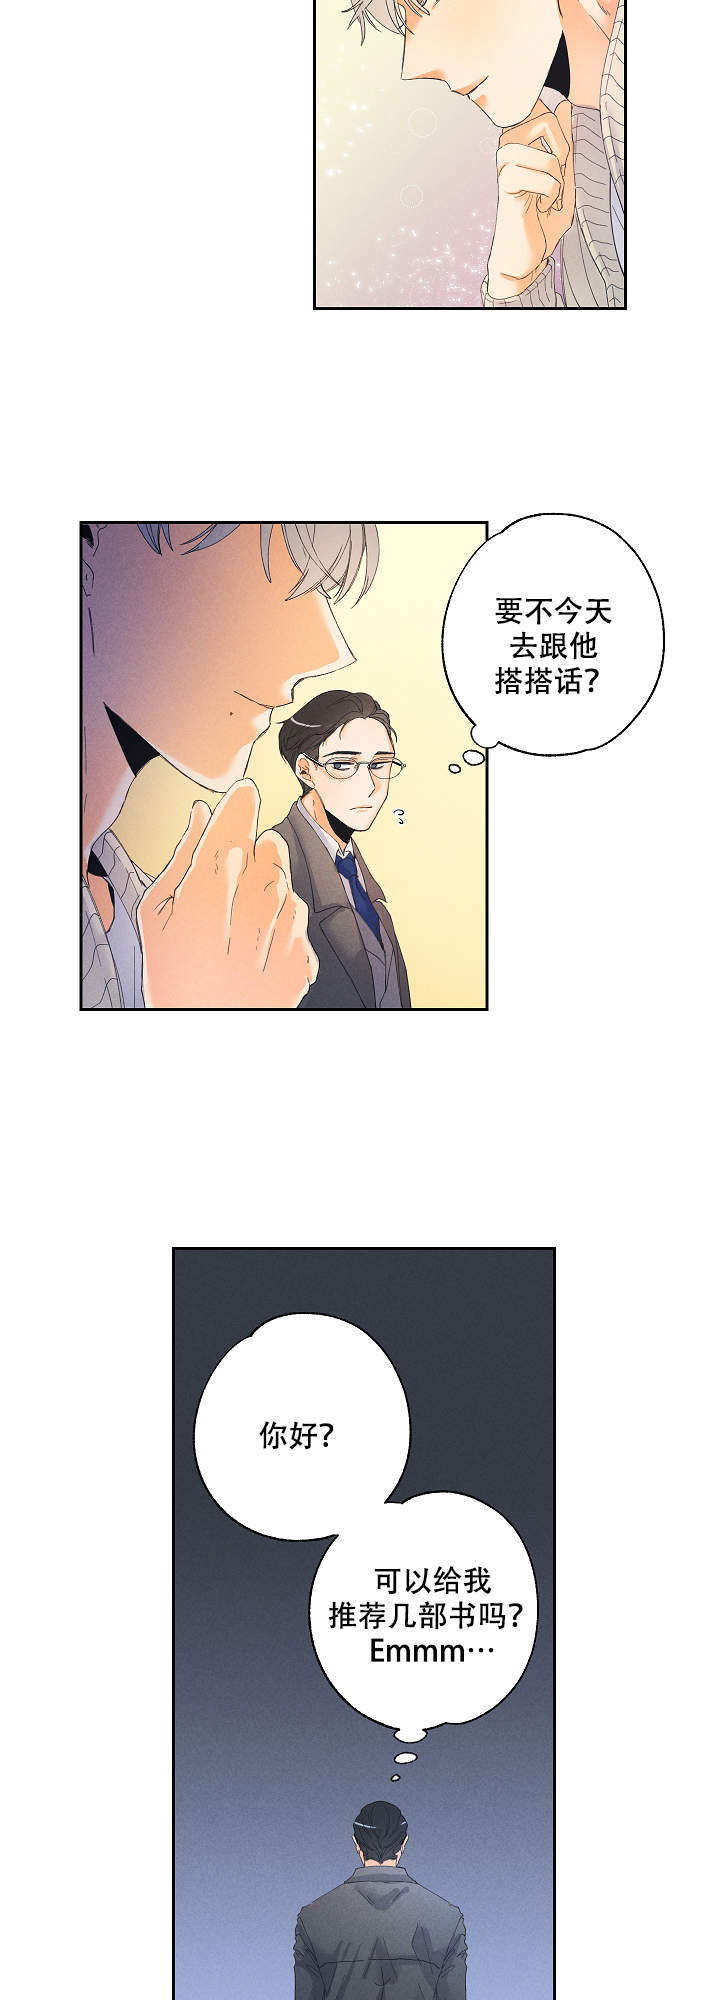 亲密测试-漫画完整版汉化_在线阅读连载首发-啵乐漫画